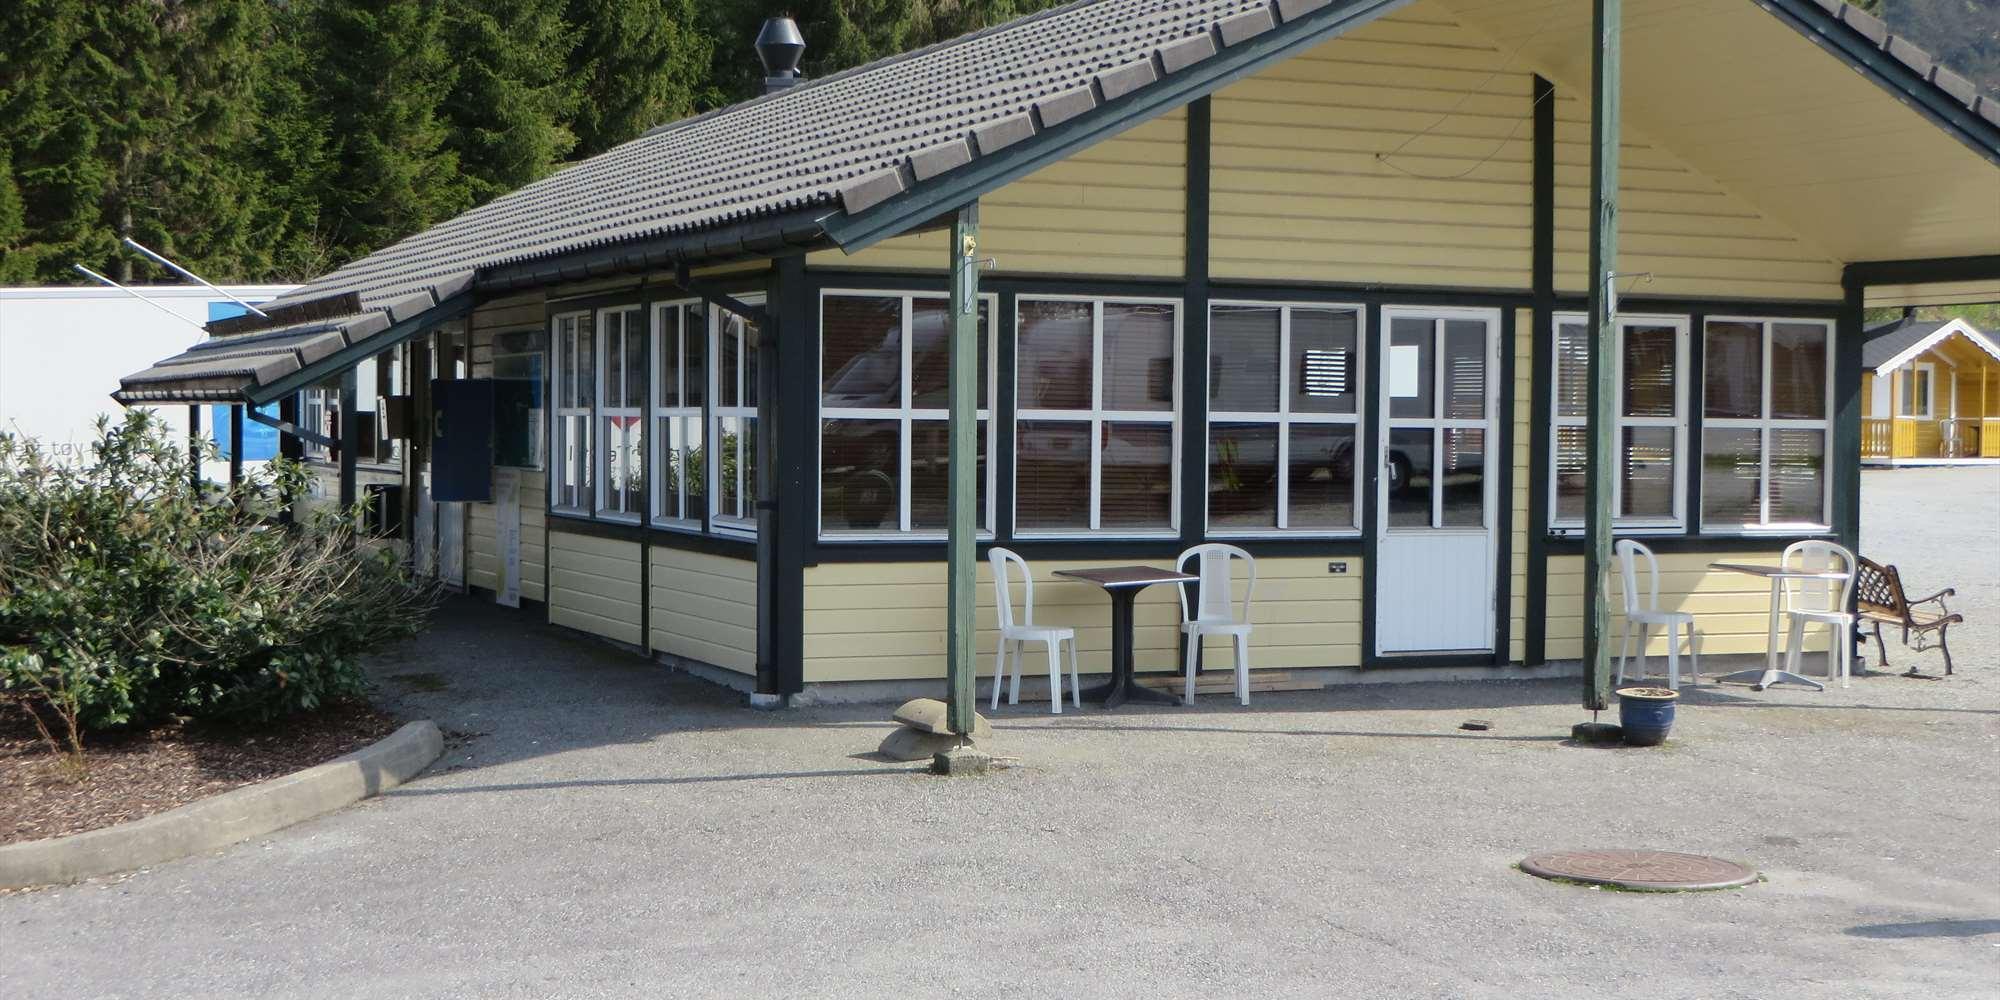 Bergen Camping Park - Resepsjon